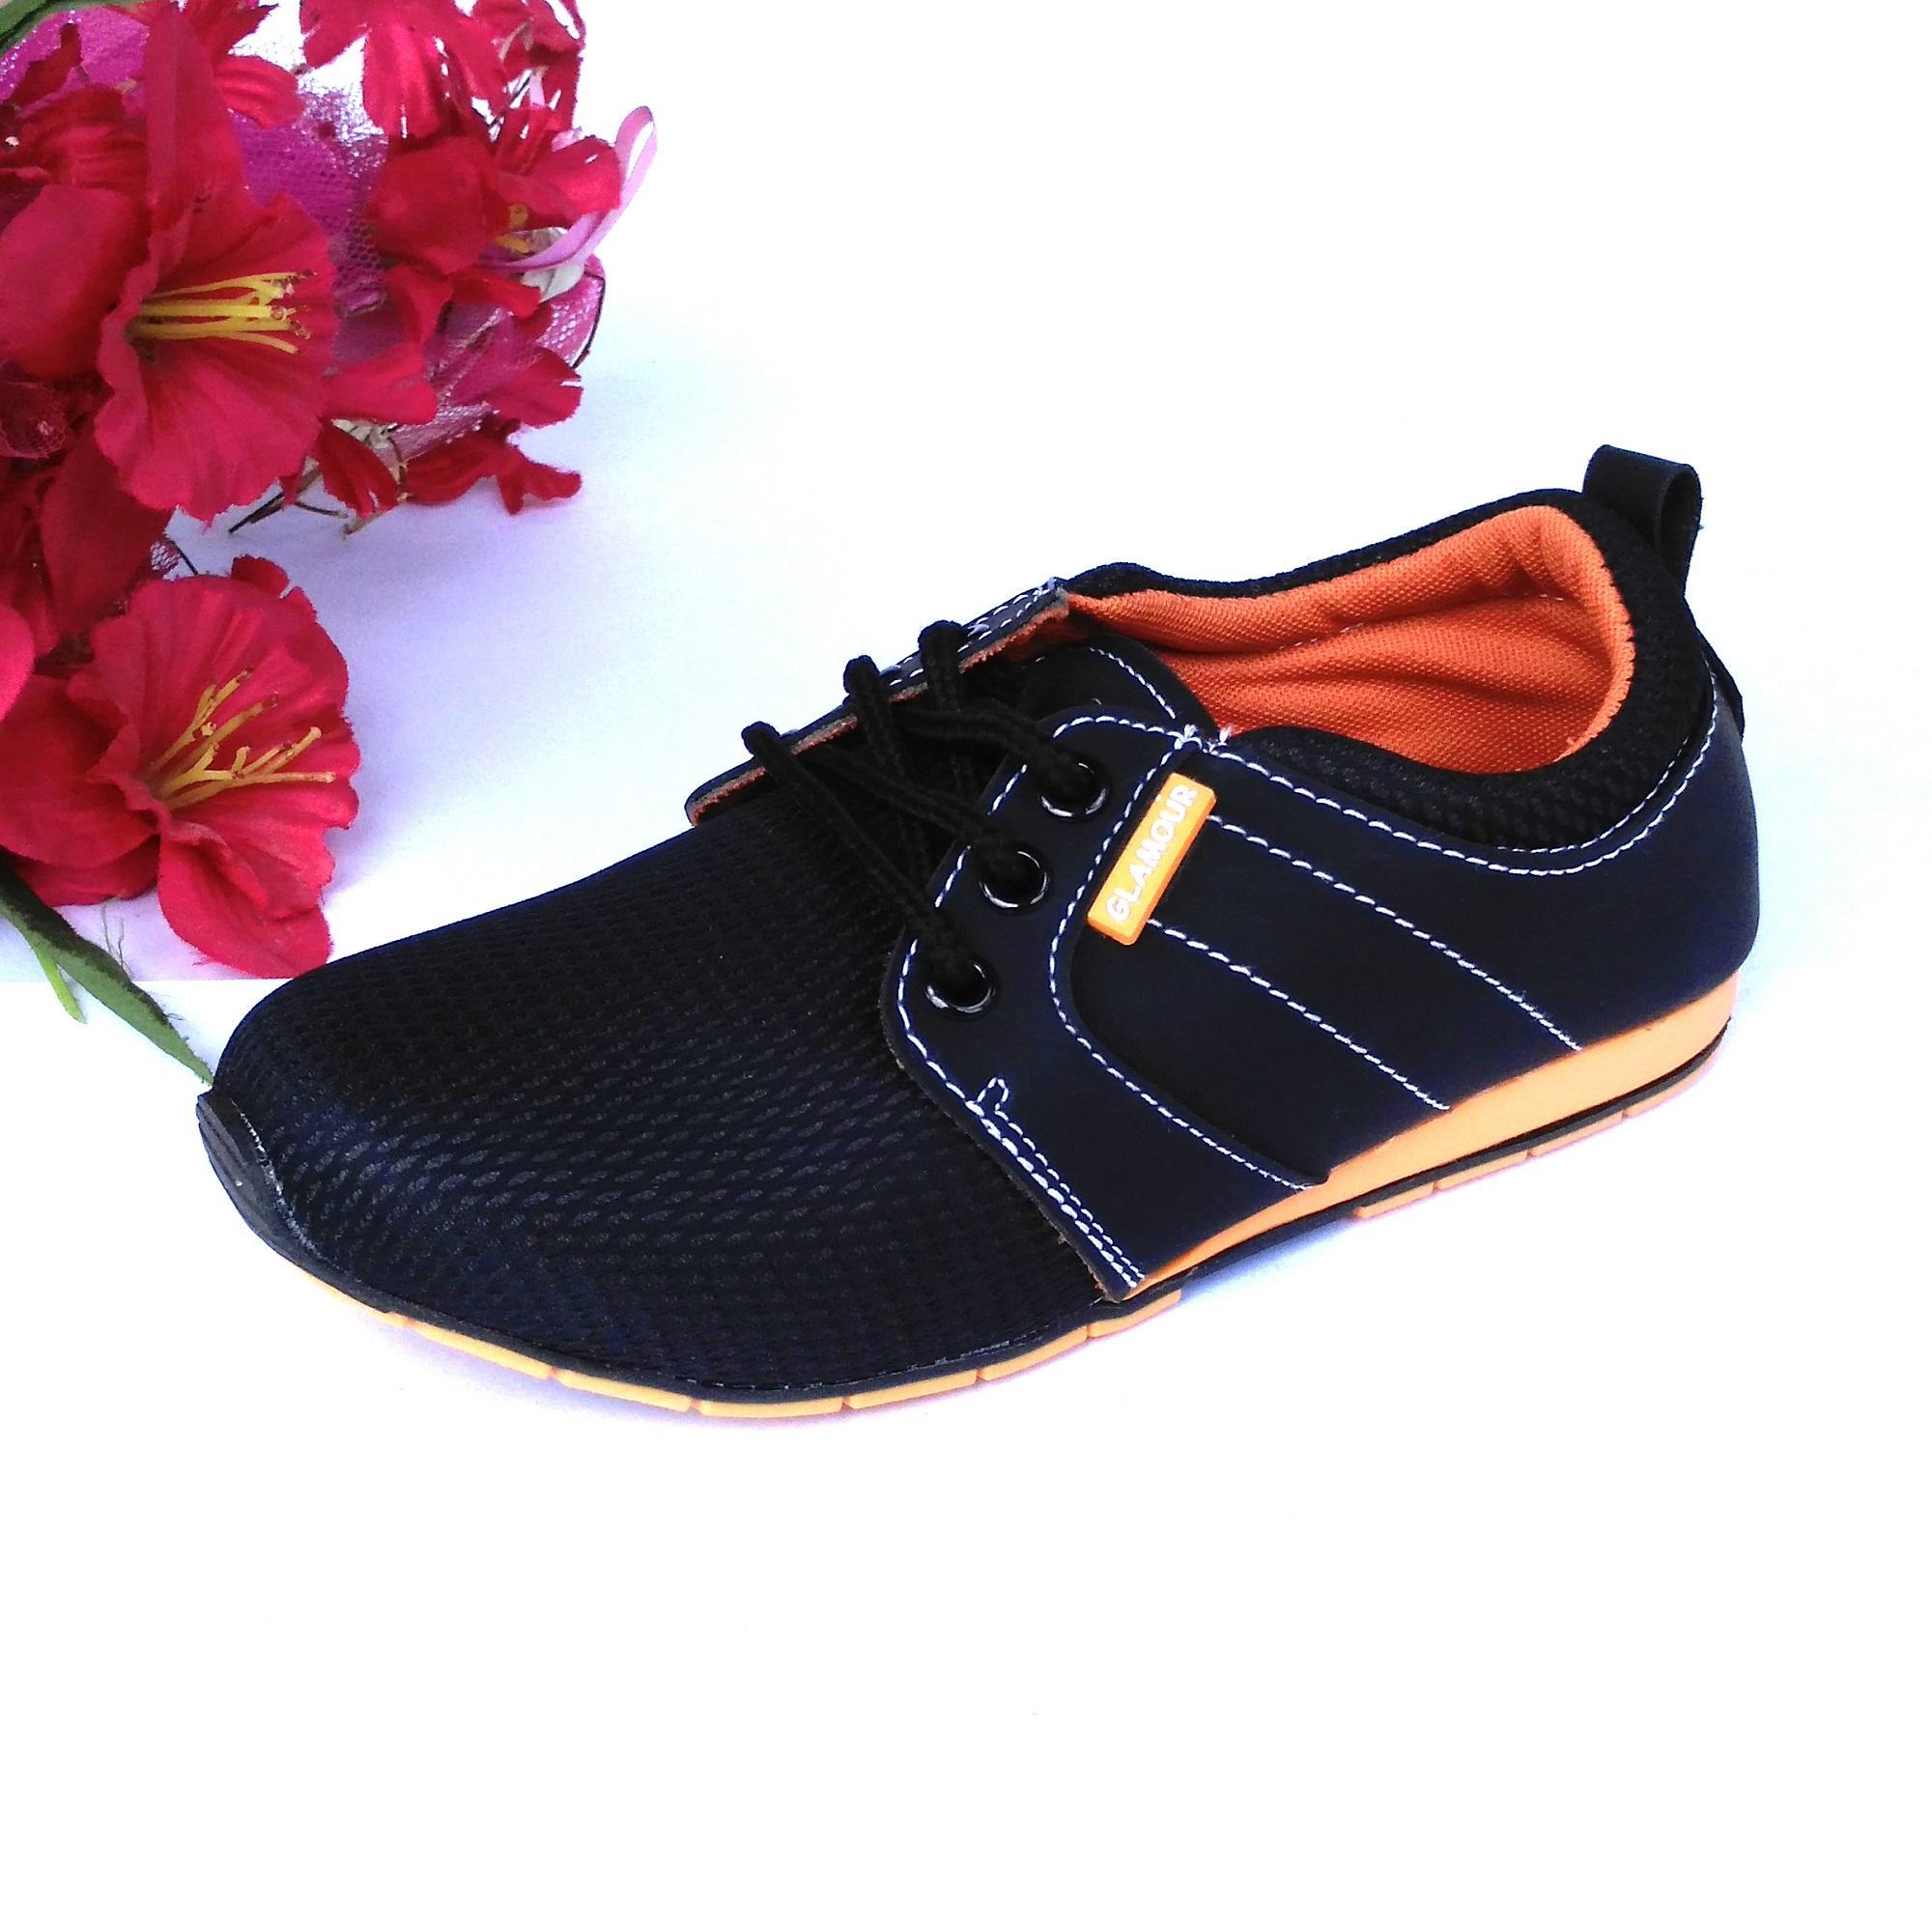 HQo Sepatu Sekolah Anak Perempuan Pantofel Hitam / Sepatu Sekolah Wanita Casual / Sepatu Sekolah TK